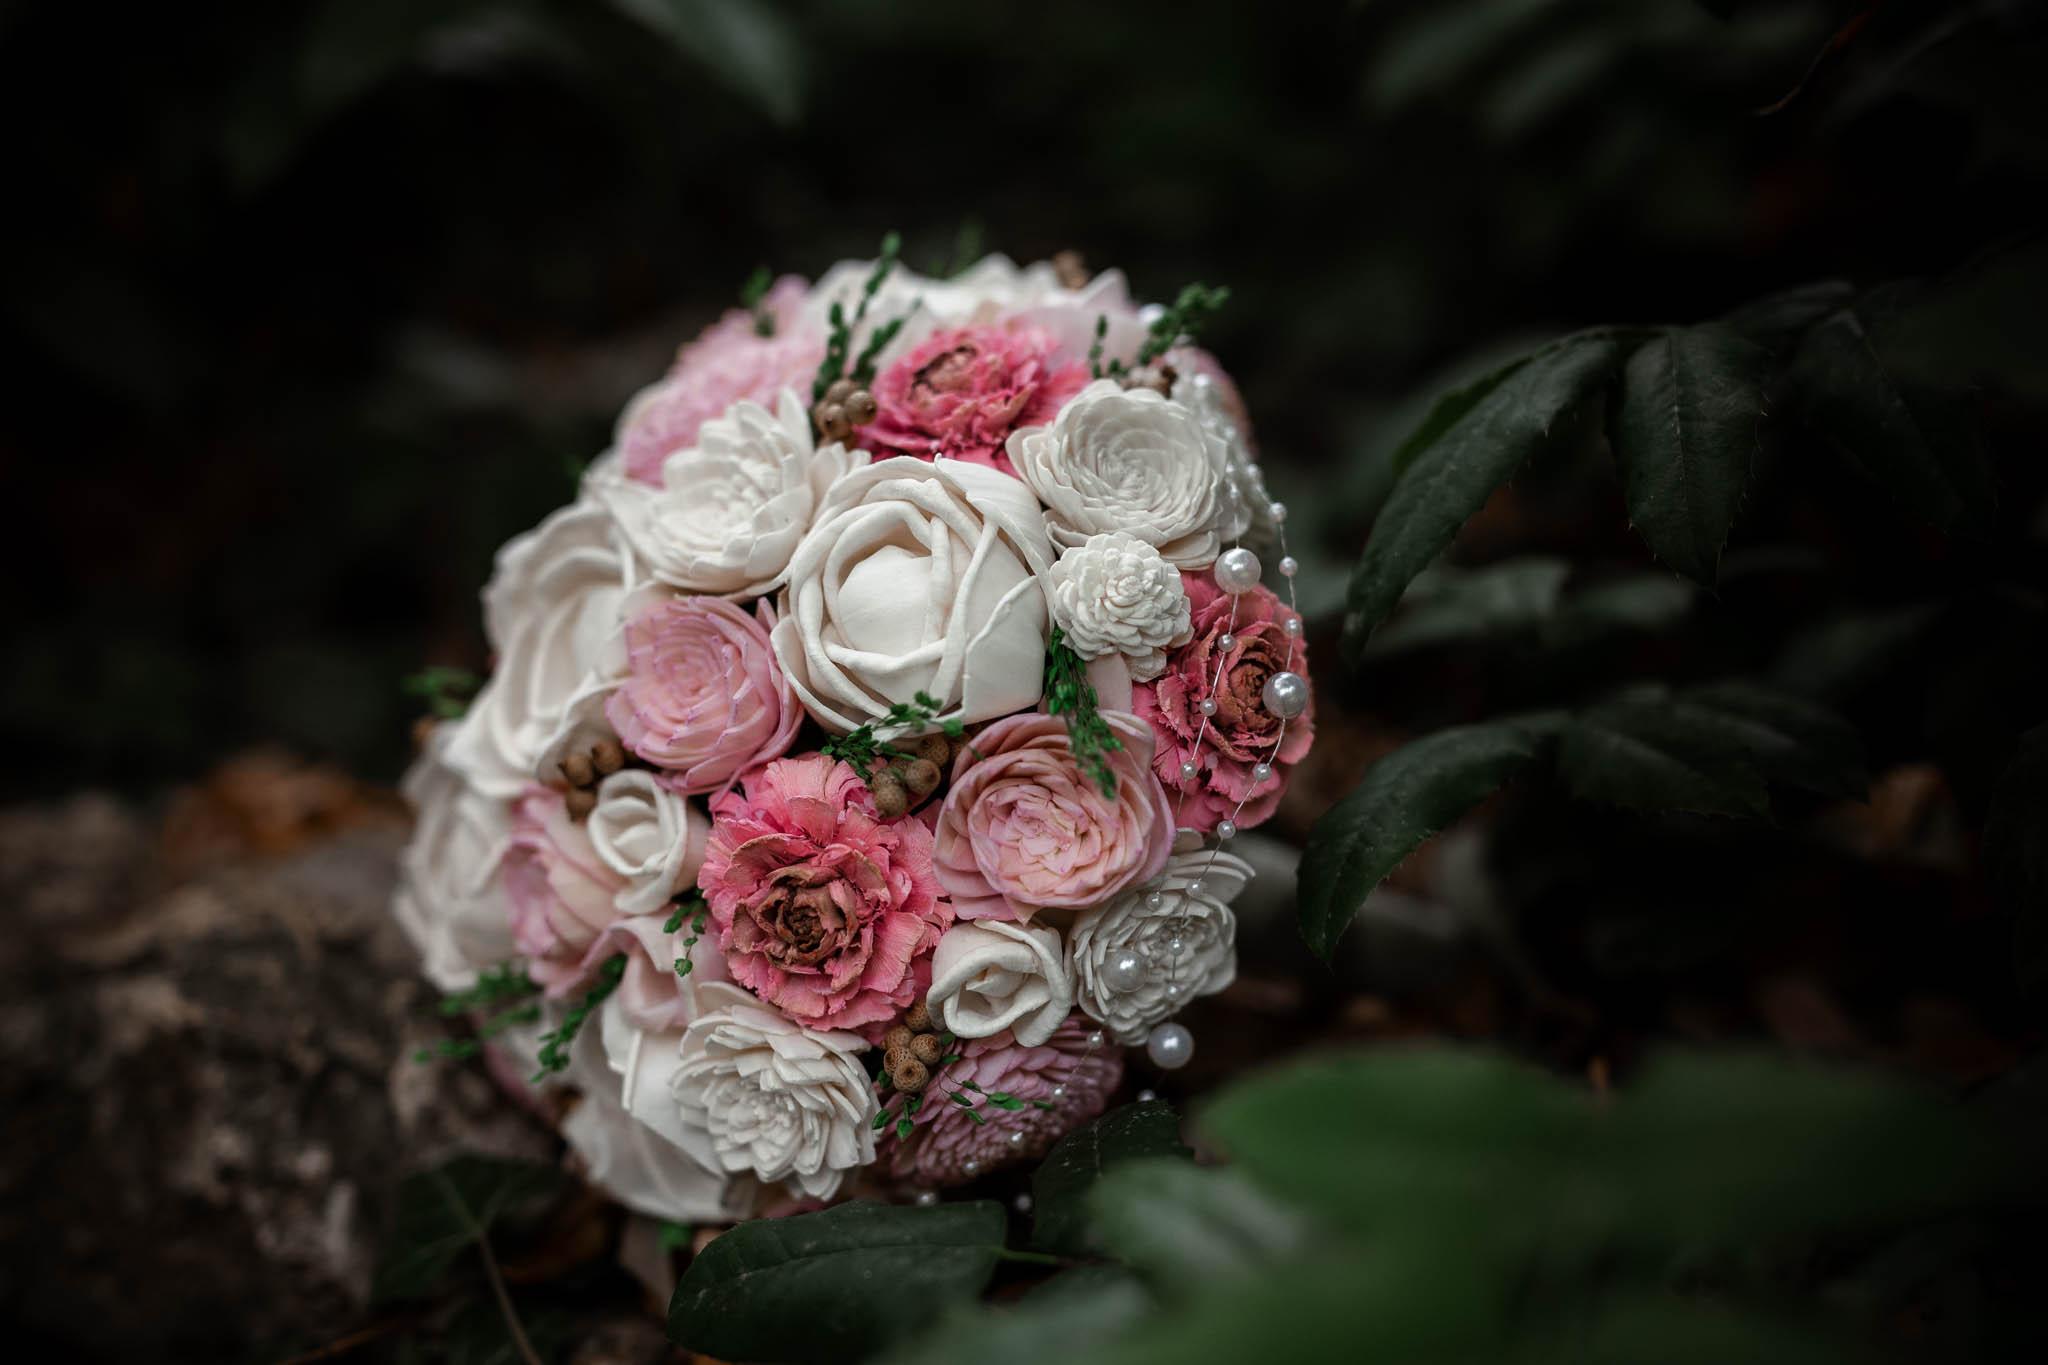 Hochzeitsfotograf Monzernheim: freie Trauung von Sarah & Patrick 38